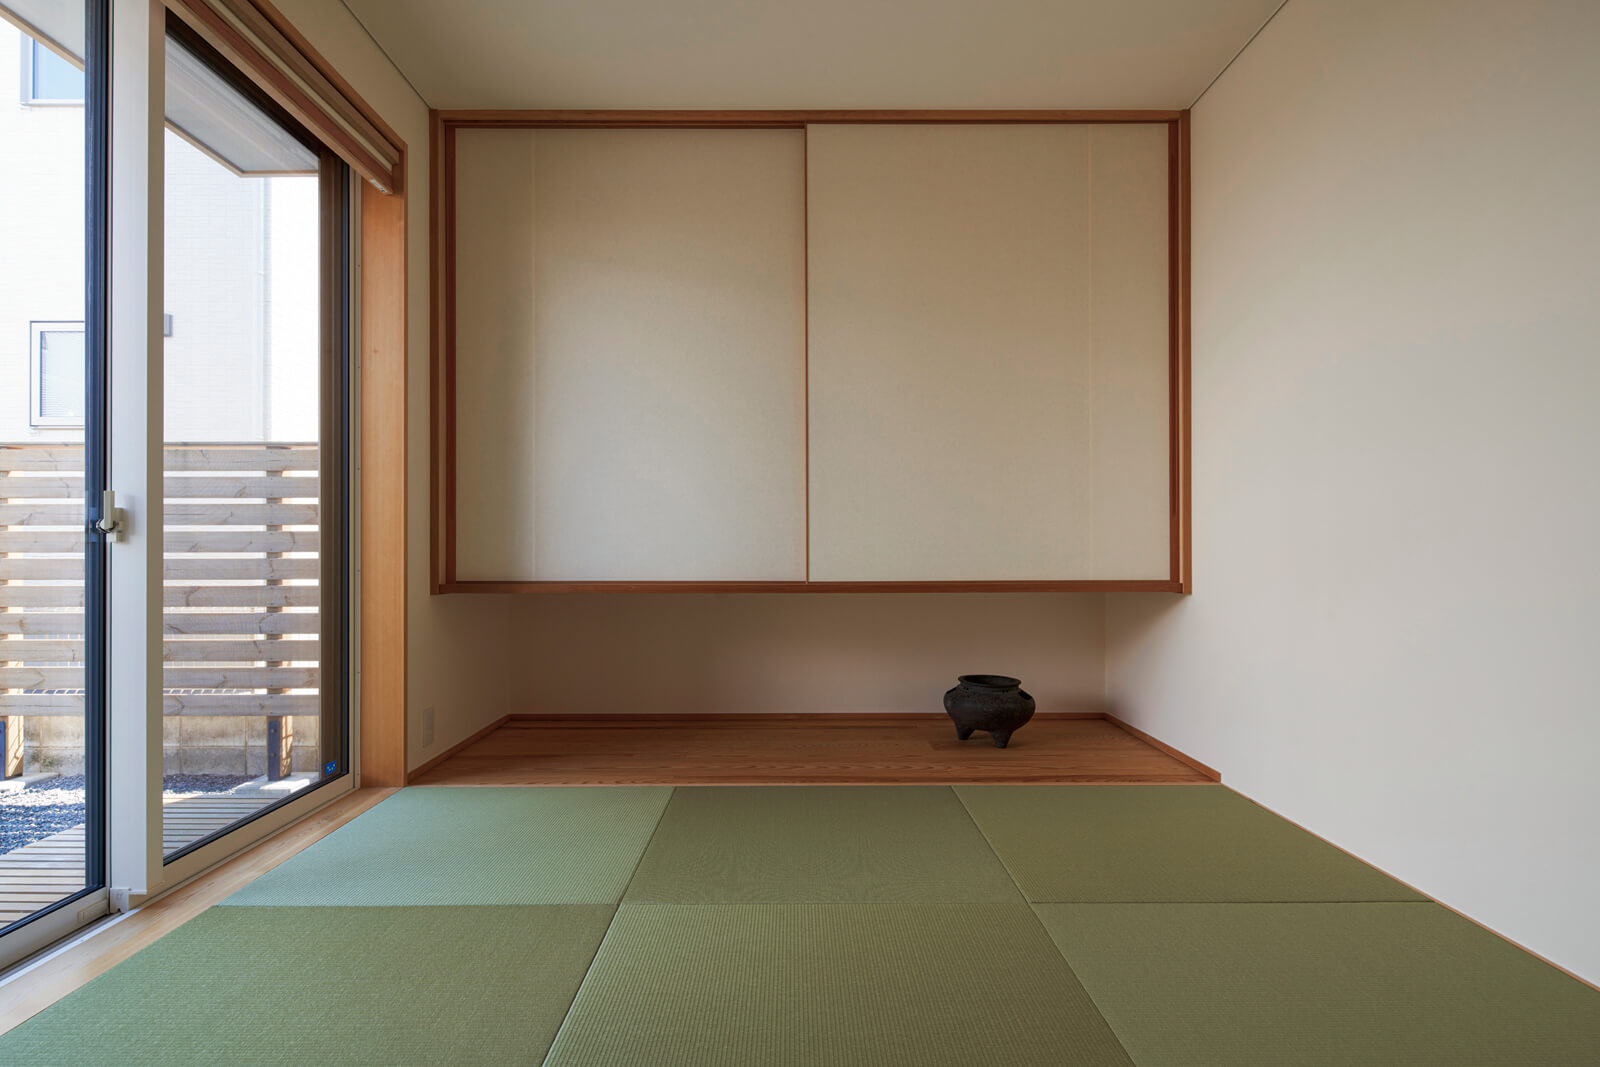 襖を閉めて独立した部屋としても使用できる和室。吊り押し入れにすることで、視覚的な広さが生まれている